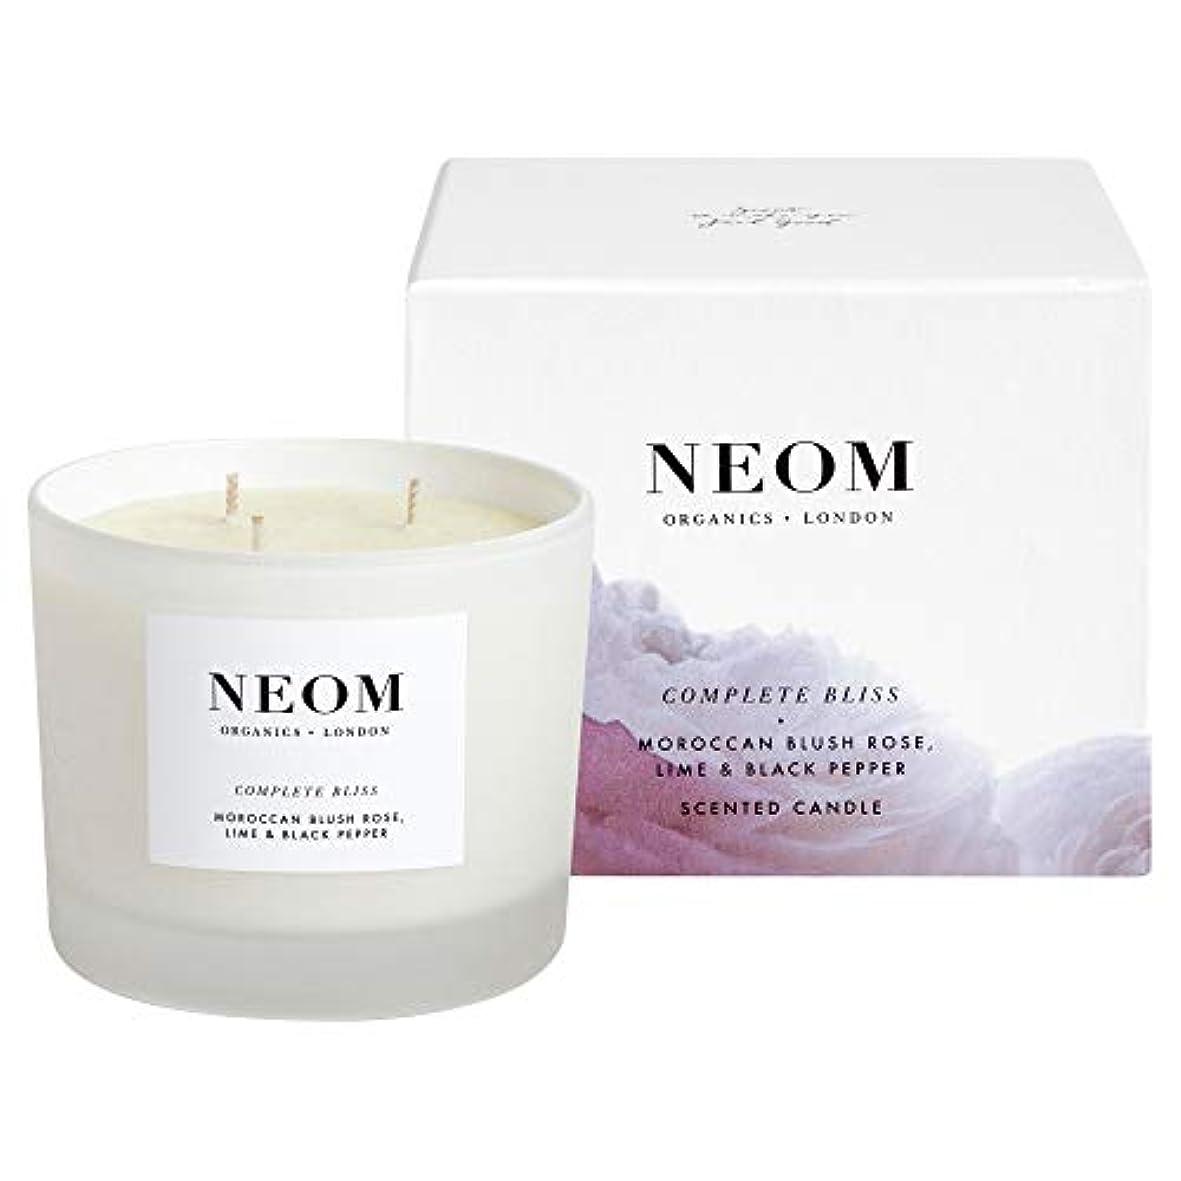 に対してアスペクトシンジケート[Neom] Neom完全な至福3芯キャンドル420グラム - Neom Complete Bliss 3 Wick Candle 420g [並行輸入品]